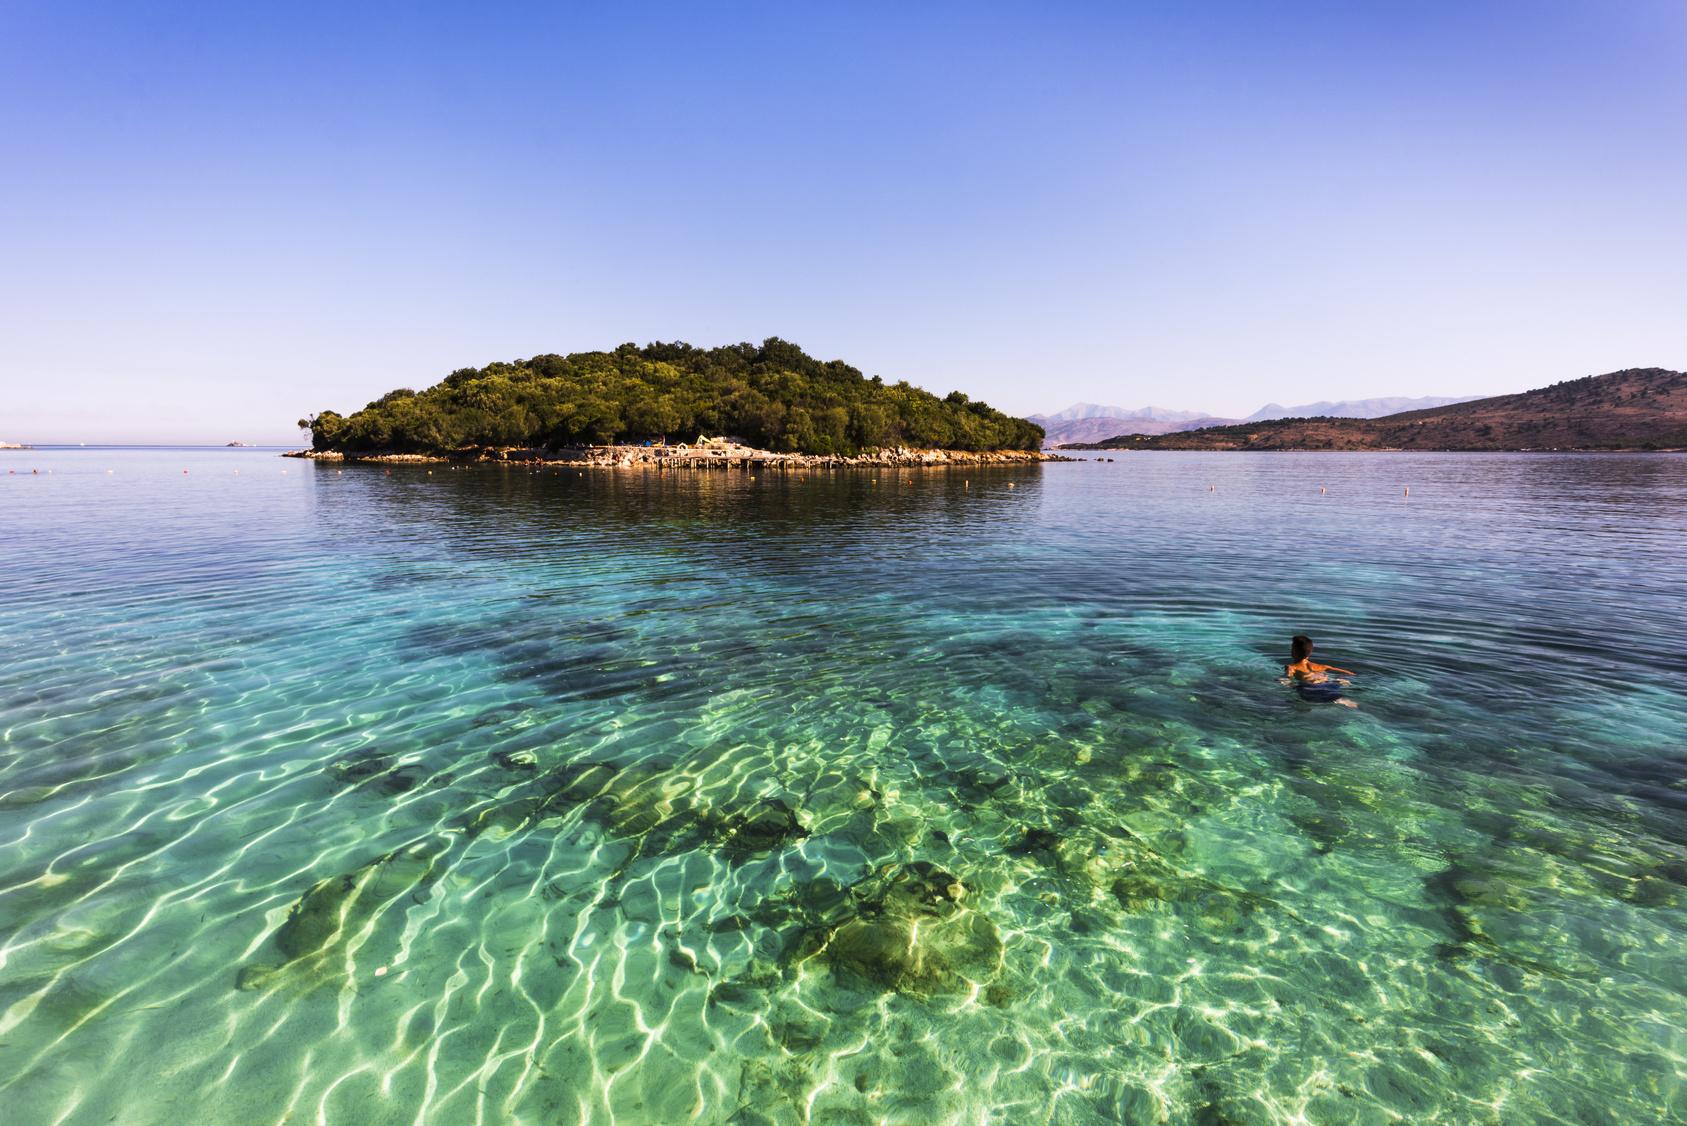 Albania - wakacje z all inclusive. Sprawdź oferty!